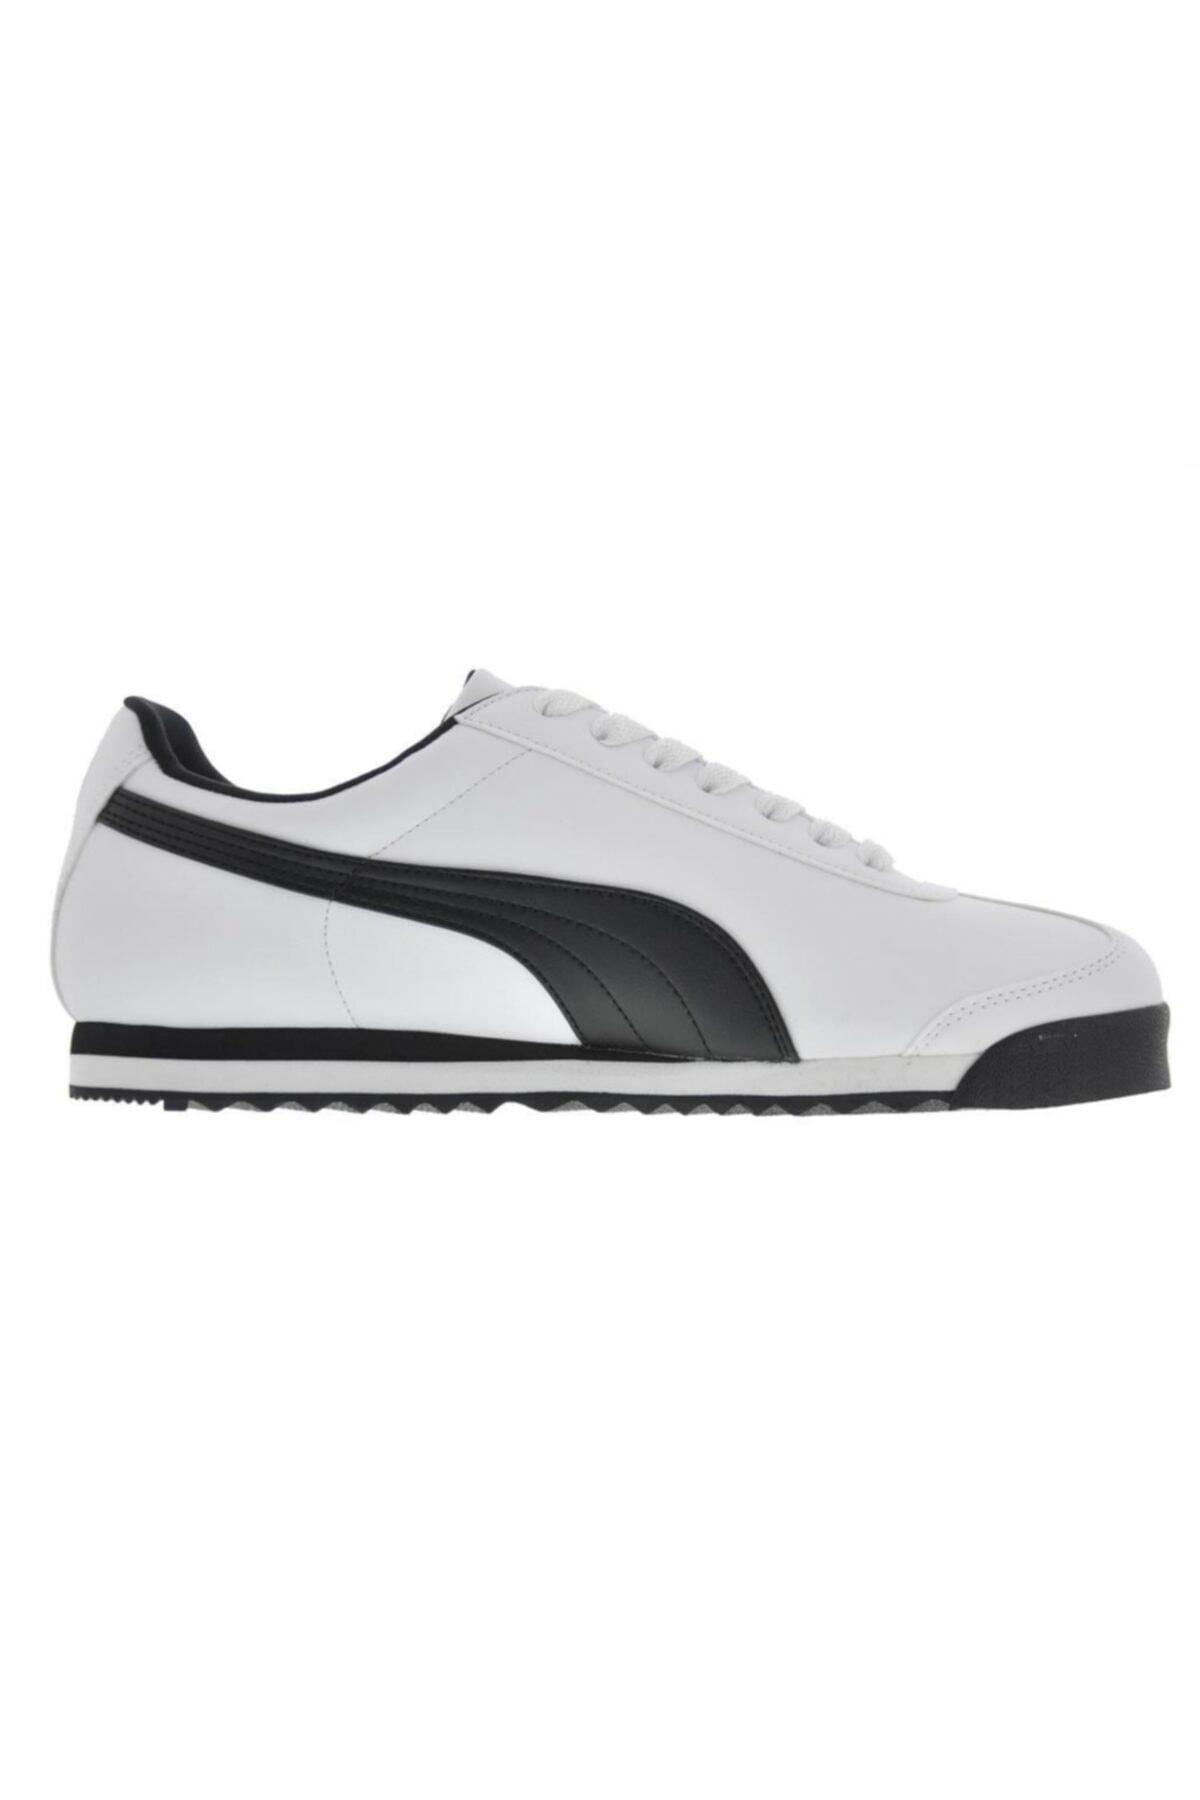 Puma Erkek Beyaz Roma Basic Co Spor Günlük Ayakkabı 353572-04 1